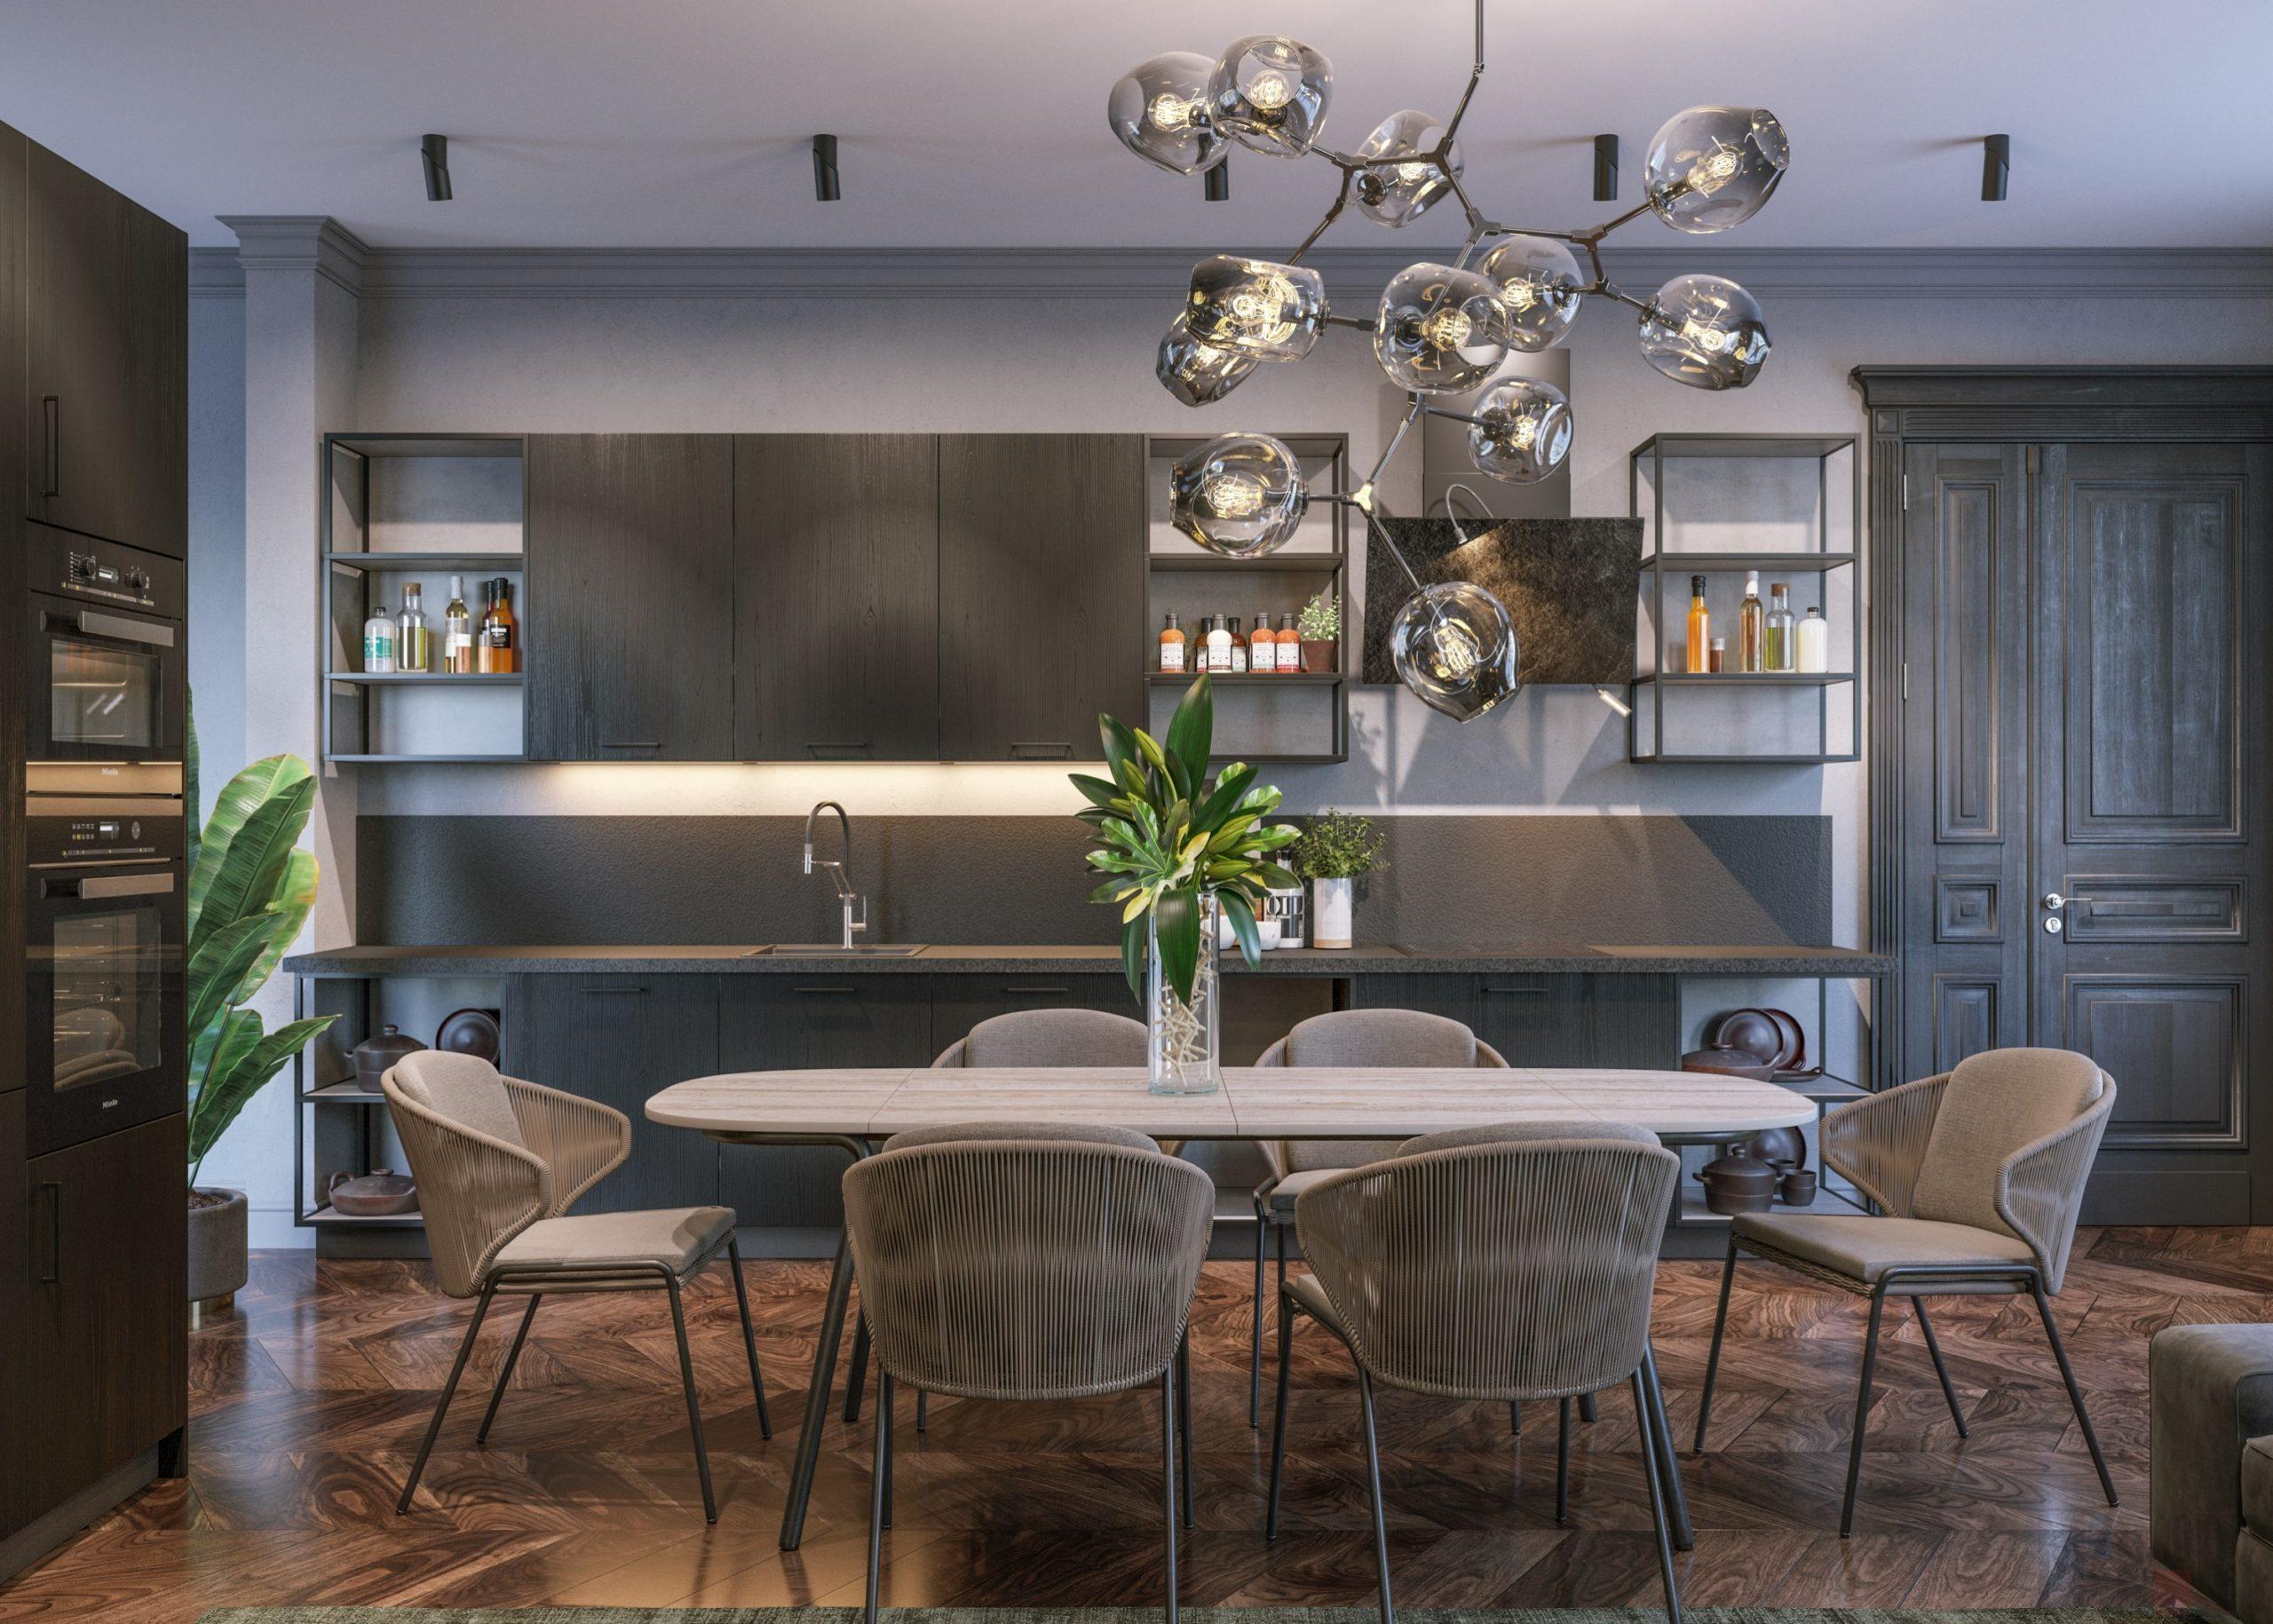 Кухня Interium Модерн.112 - дизайн